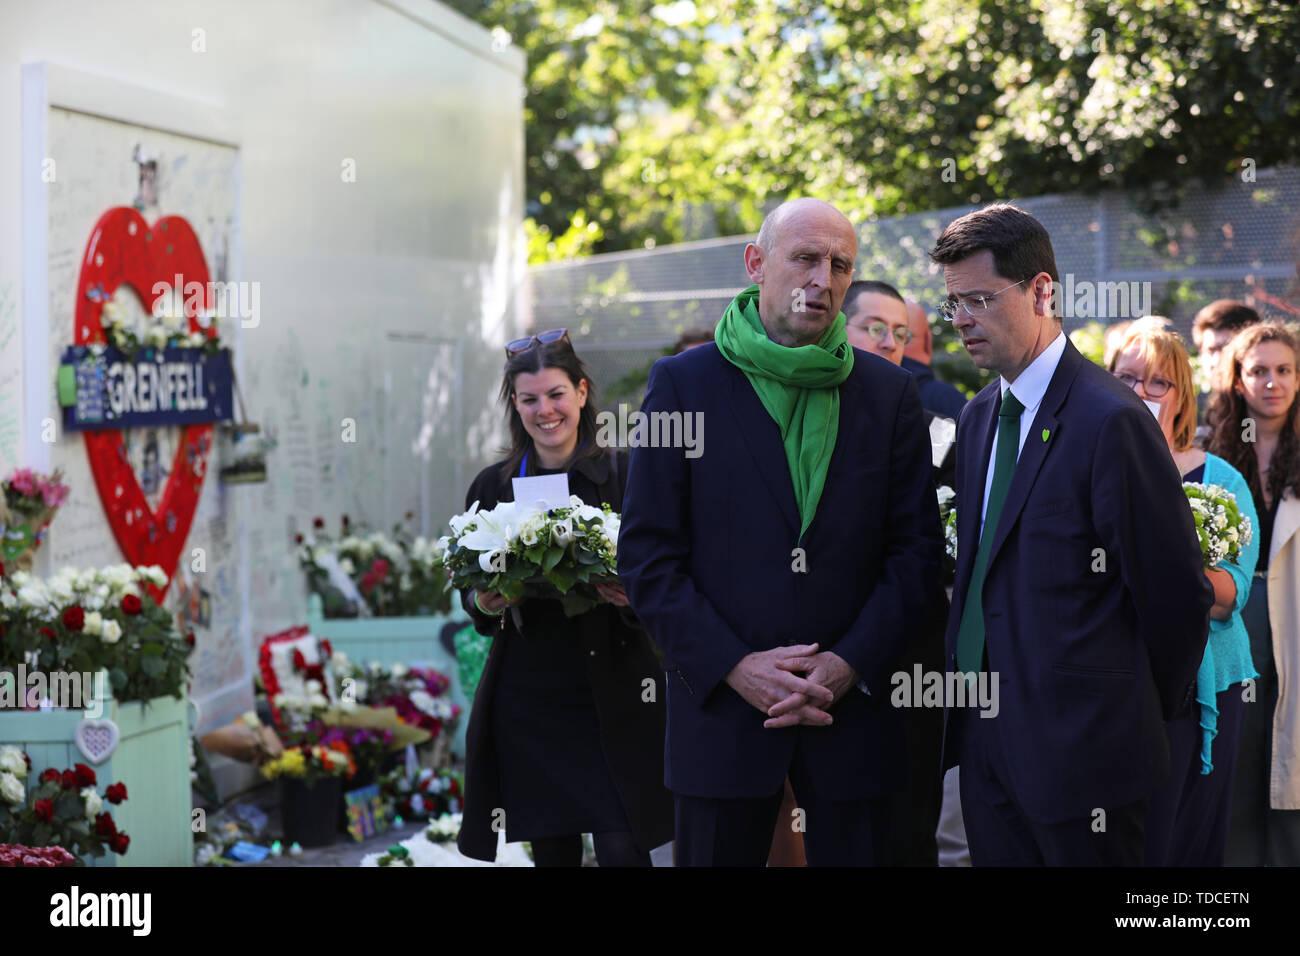 Shadow Gehäuse Sekretärin John Healey (Links), die außerhalb Grenfell Tower, London, vor der Kranzniederlegung Zeremonie anlässlich des 2-jährigen Jubiläums des Hochhauses Brand in Erinnerung an die 72 Menschen, die ihr Leben verloren. Stockbild